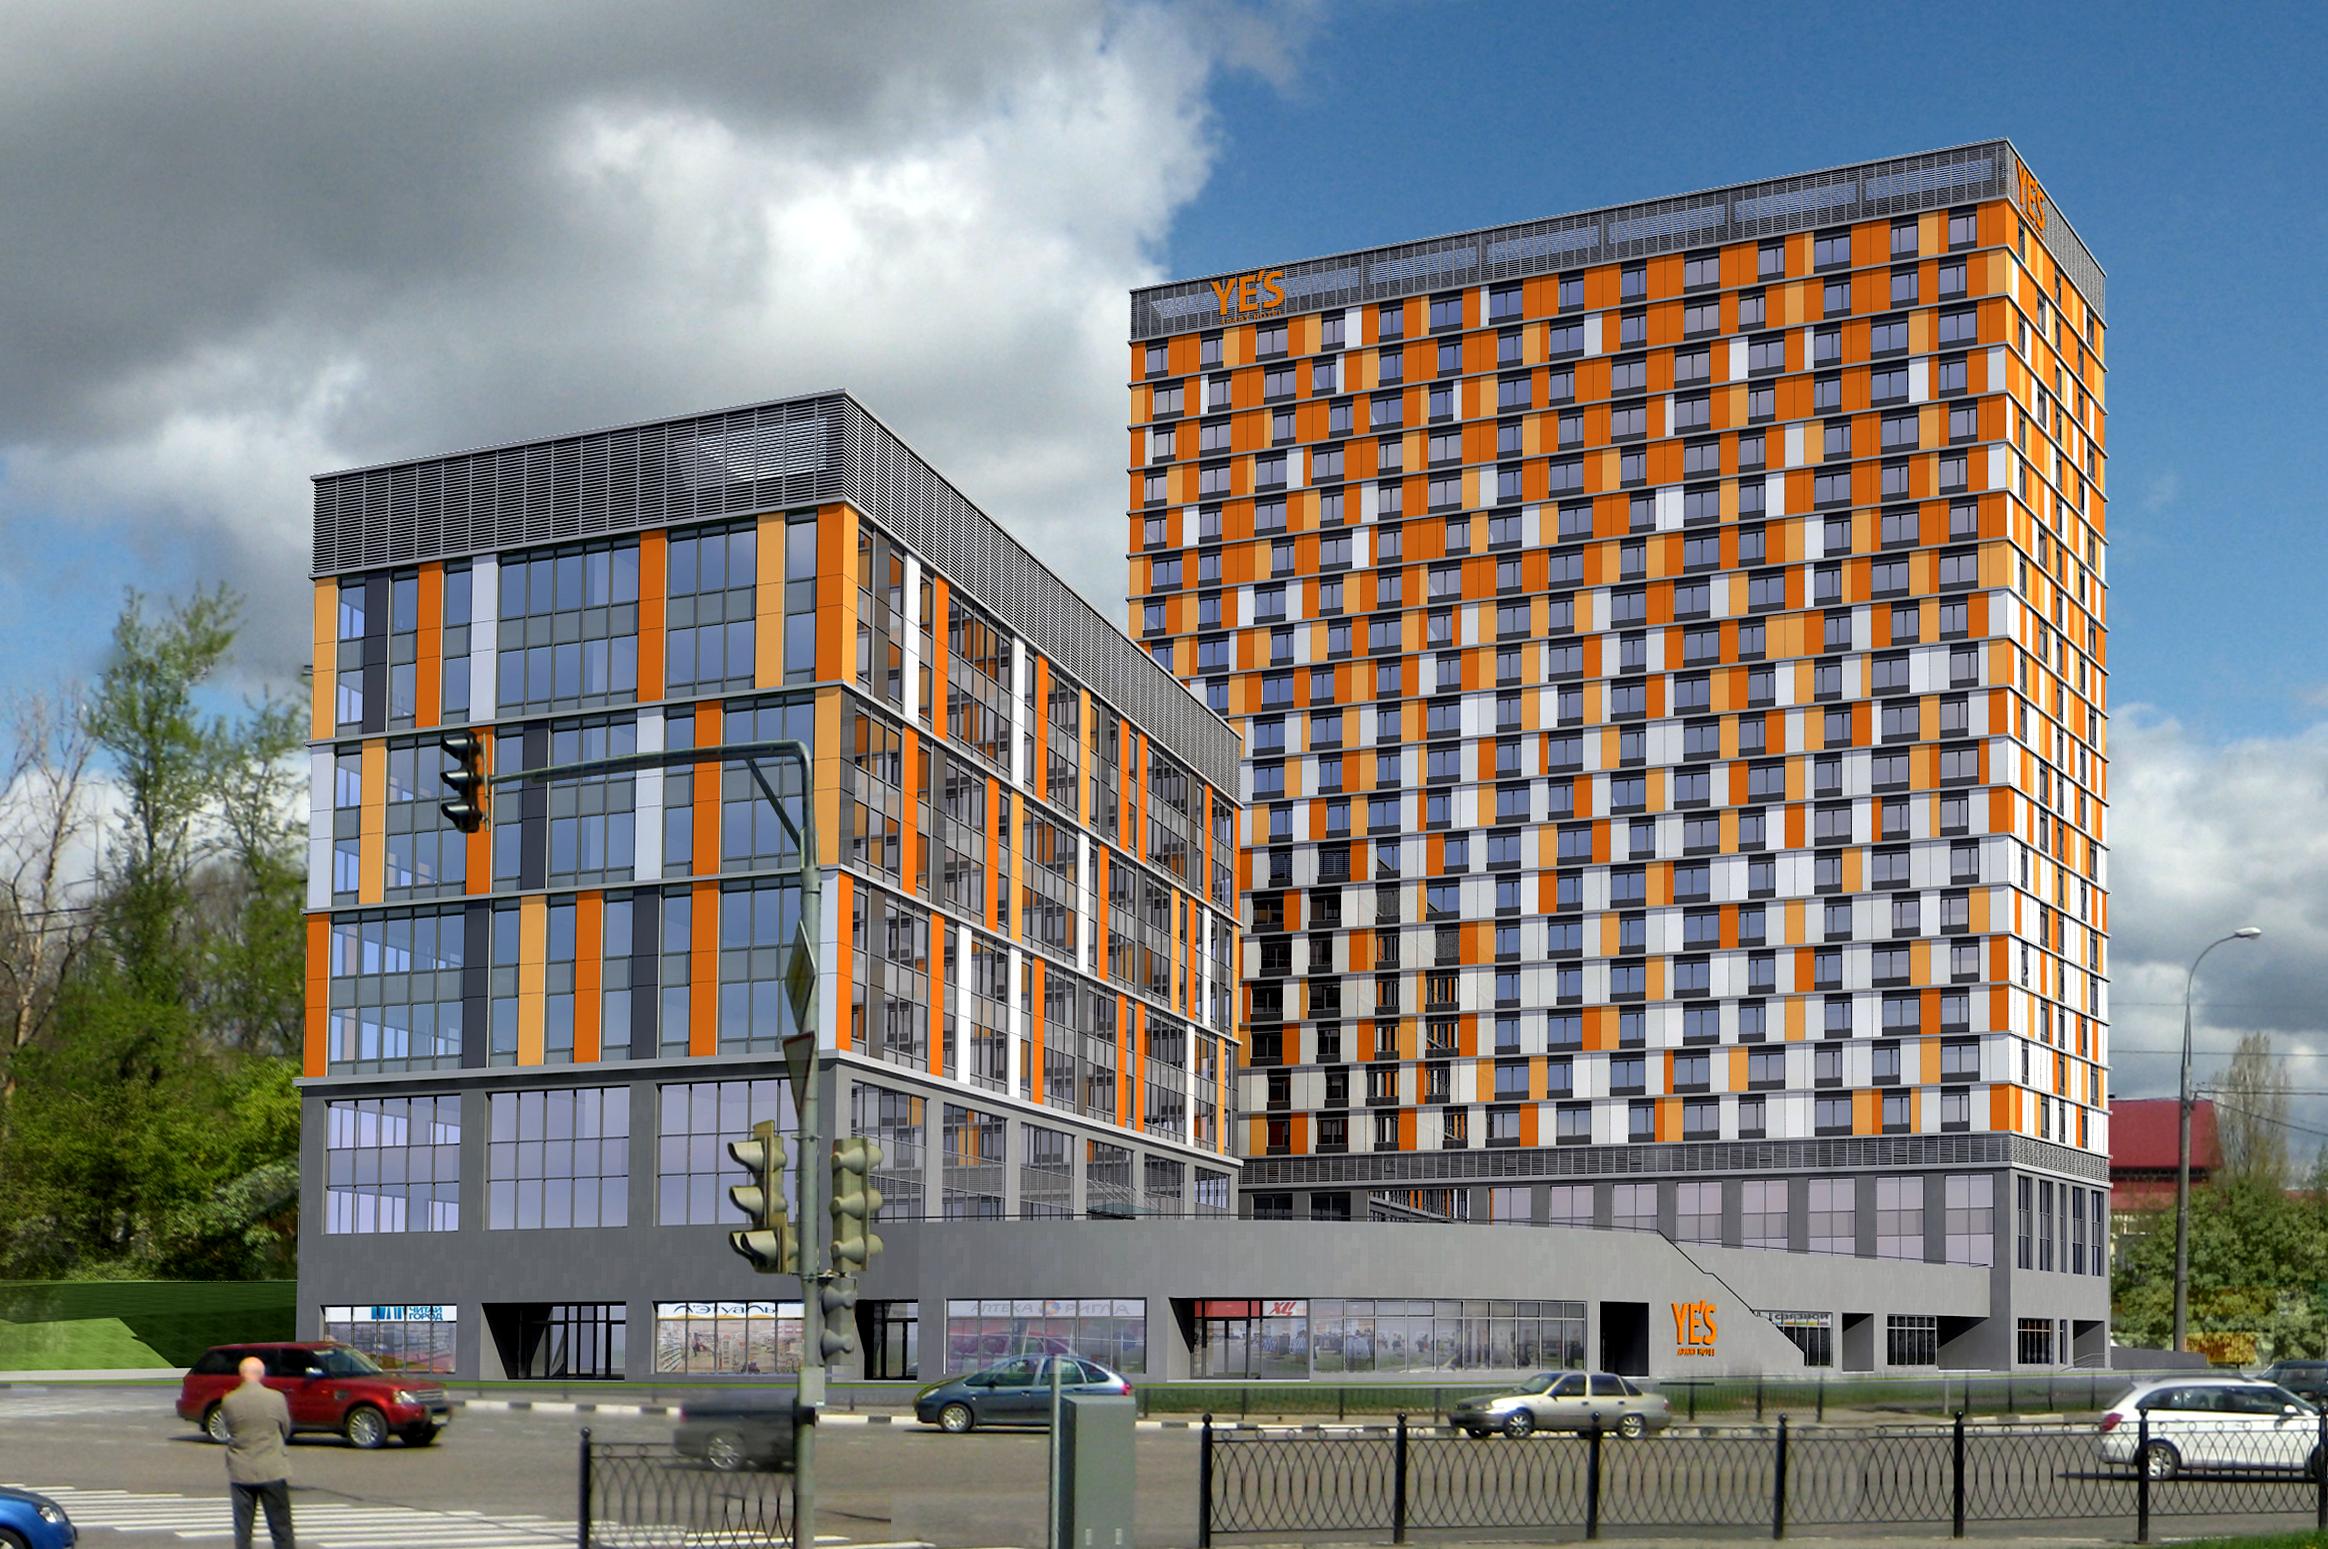 Банк «Возрождение» предлагает специальный ипотечный продукт для приобретения апартаментов в апарт-отеле YE`S от ГК «Пионер»